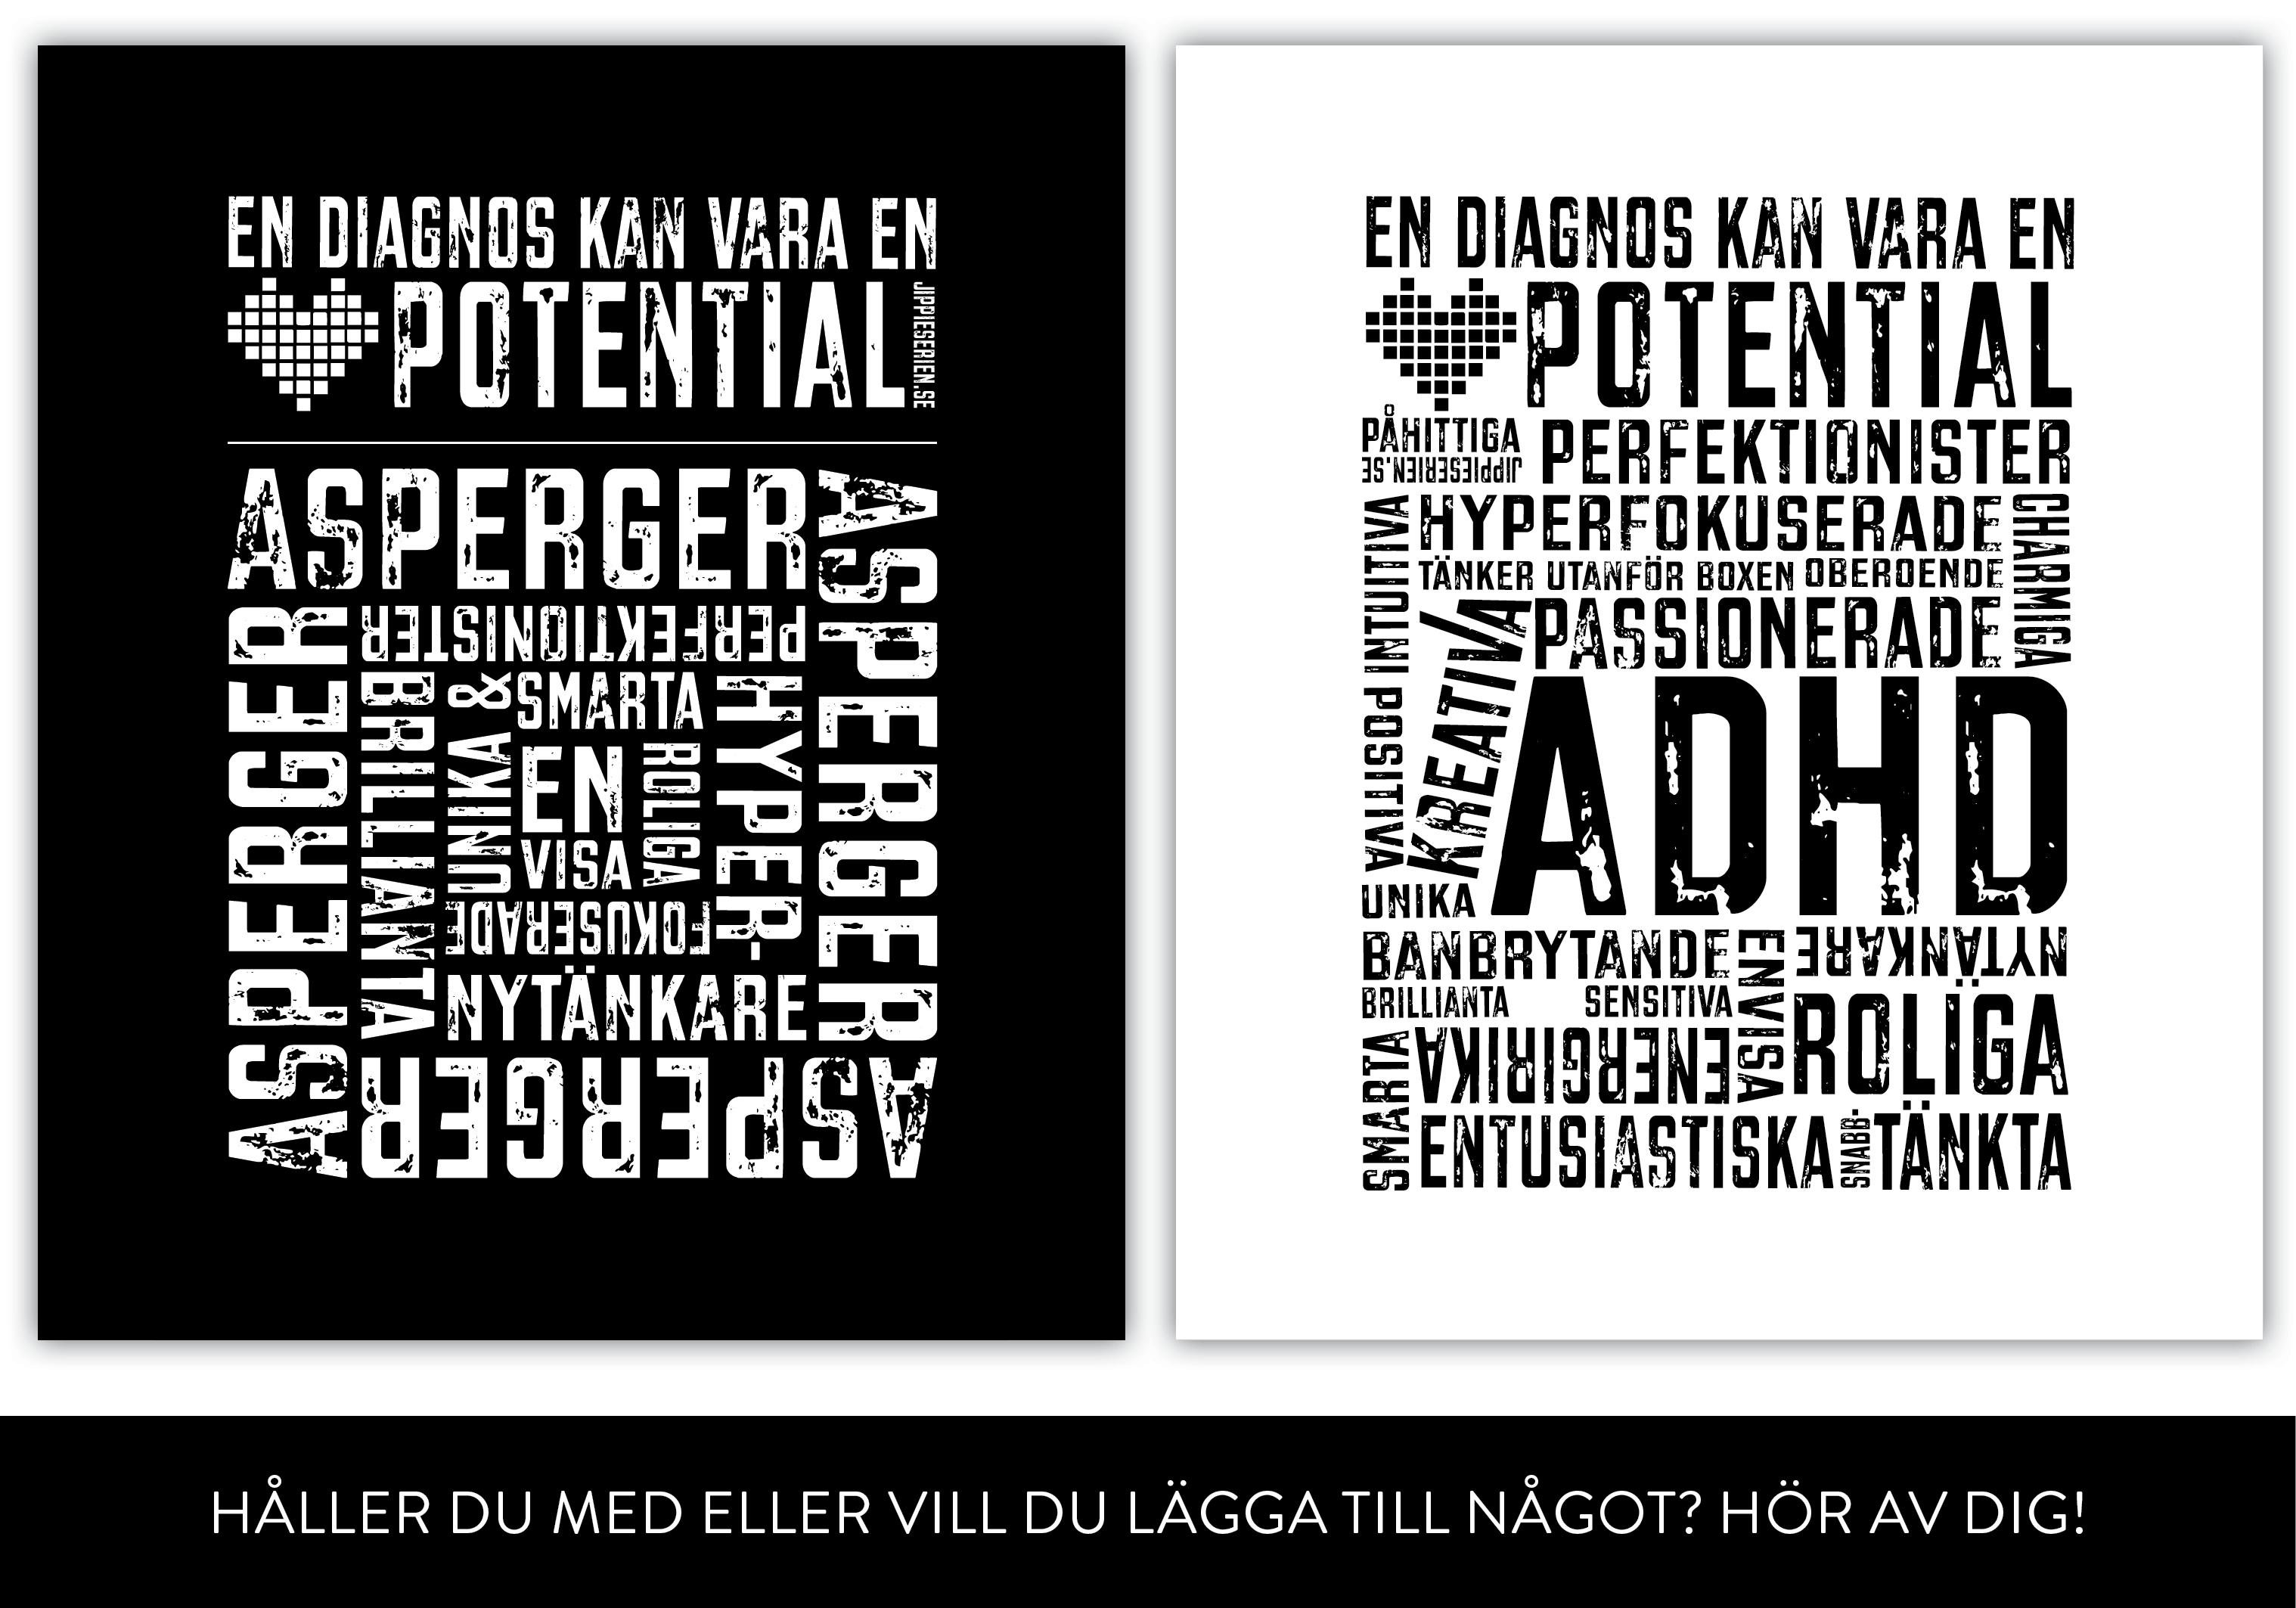 Uppåt väggarna. ADHD och Asperger-affischer